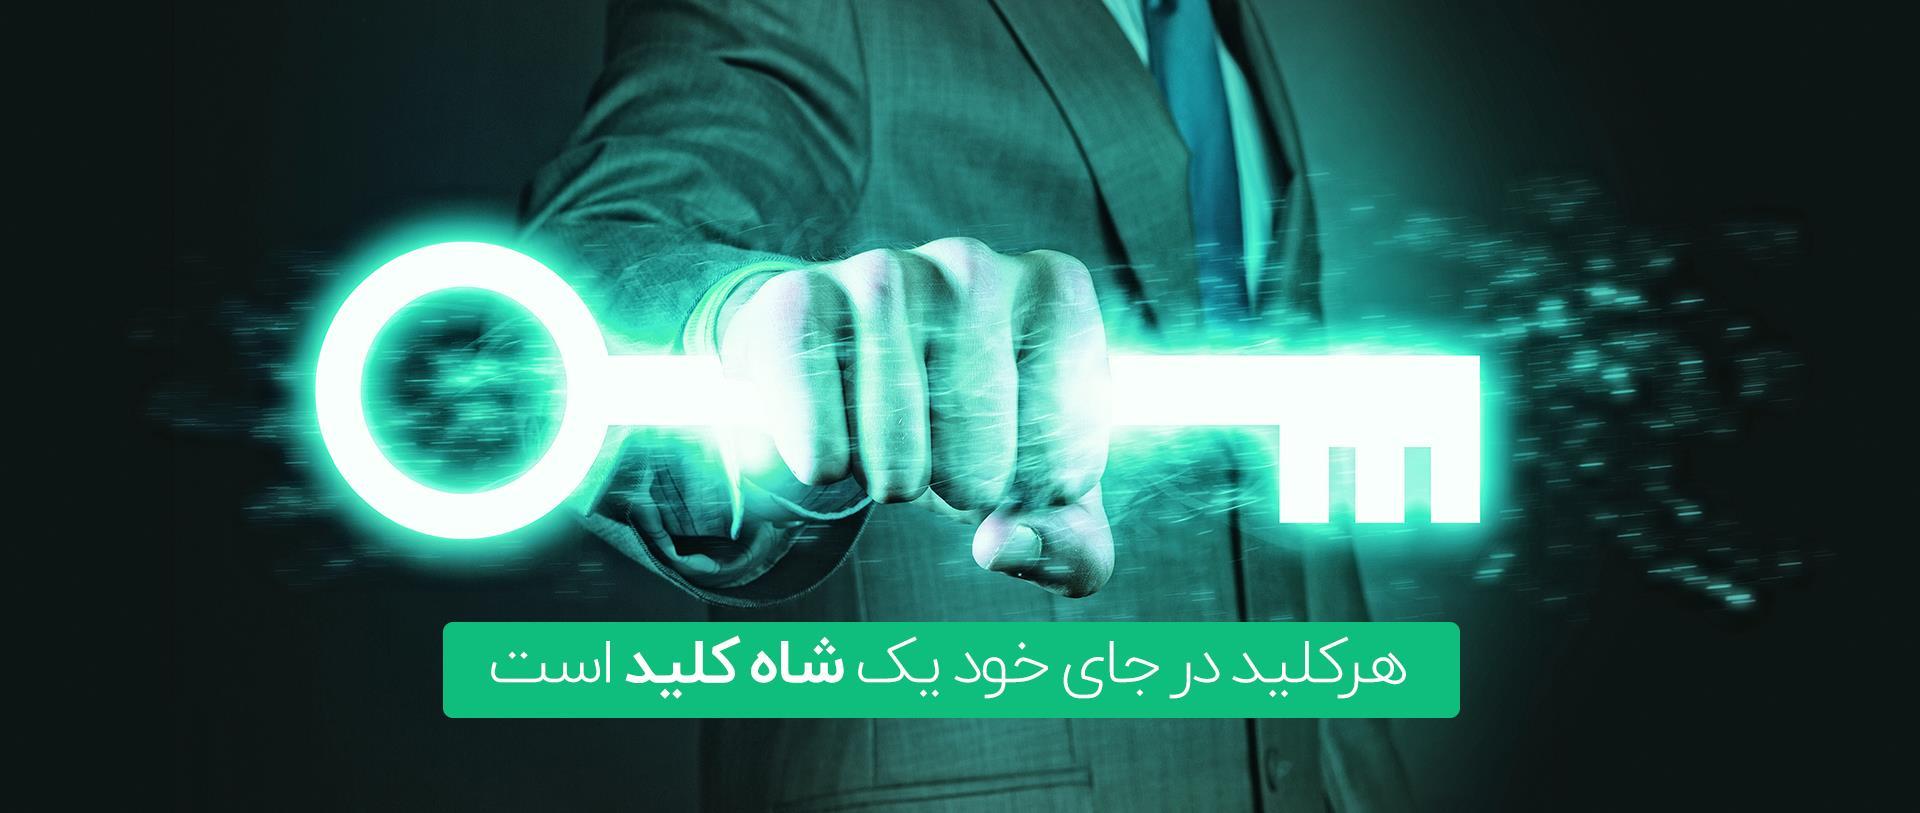 کلید سازی شبانه روزی تهران کلید آمادگی دارد در طول شبانه روز در همه نقاط تهران کلید ساز موتور سوار ارسال نماید.